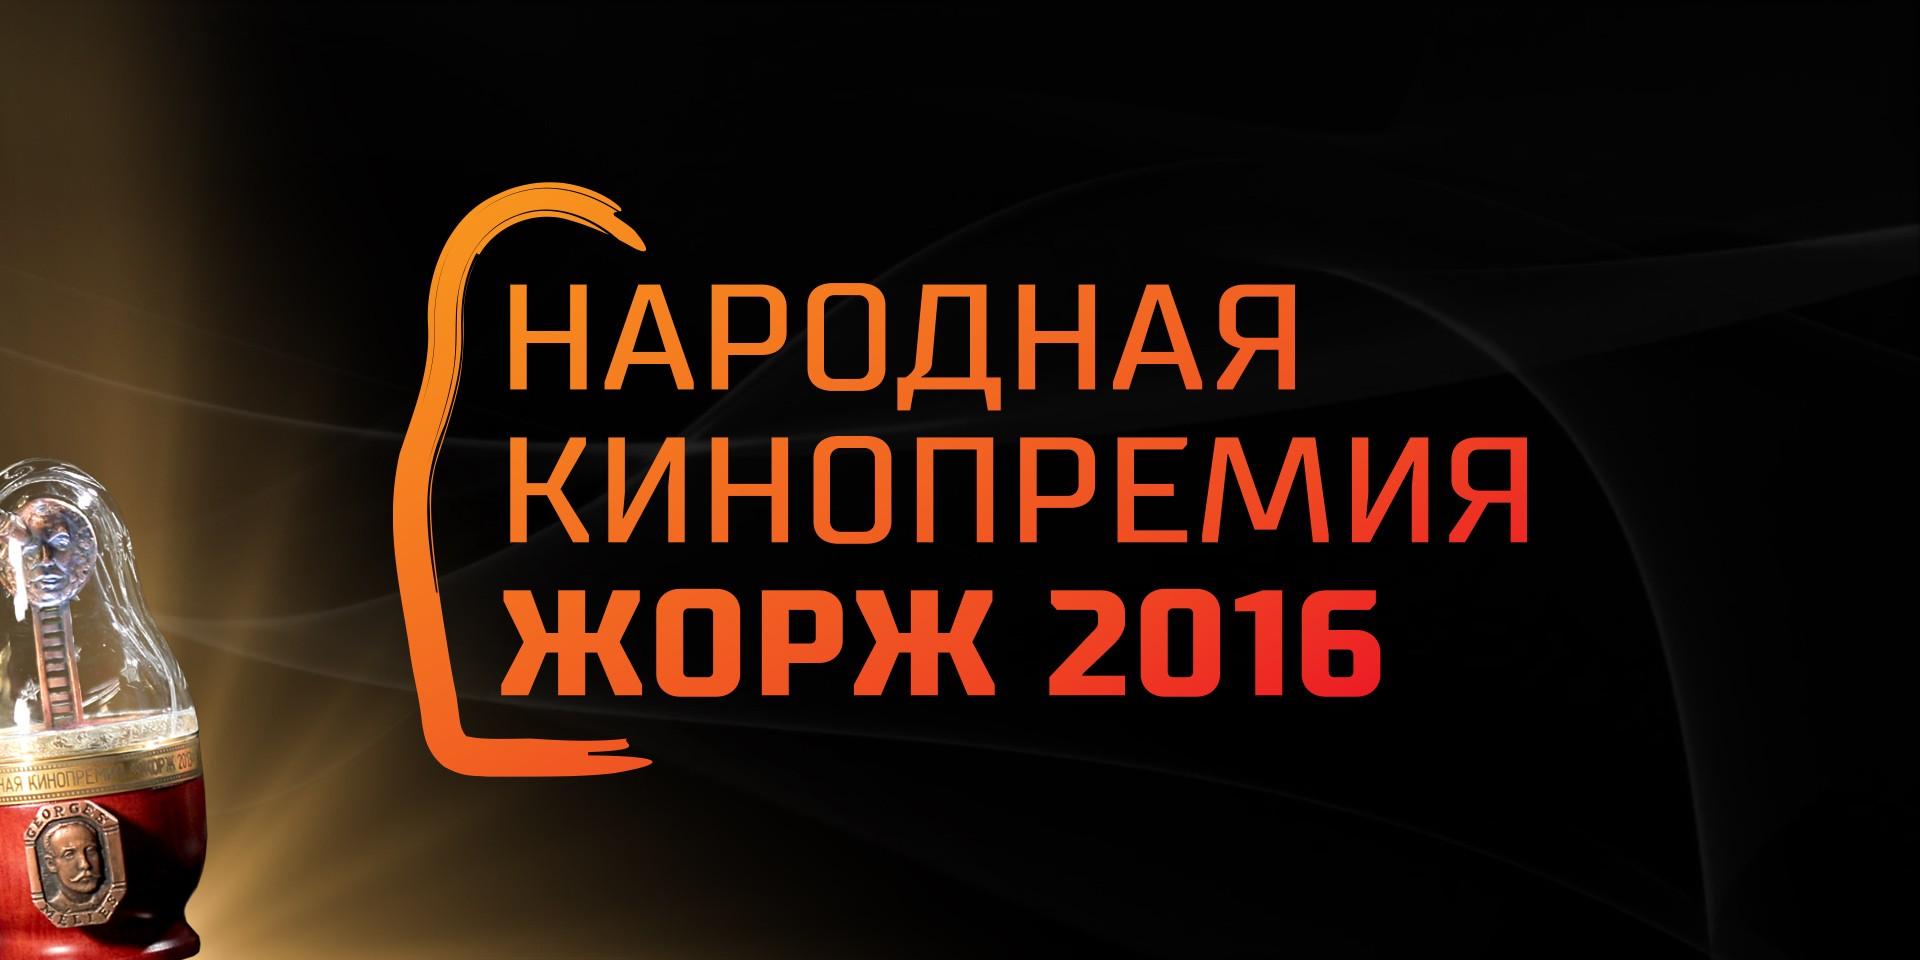 ЖОРЖ-2016: ЗРИТЕЛЬ ВЫБРАЛ «ЛЕВИАФАНА»